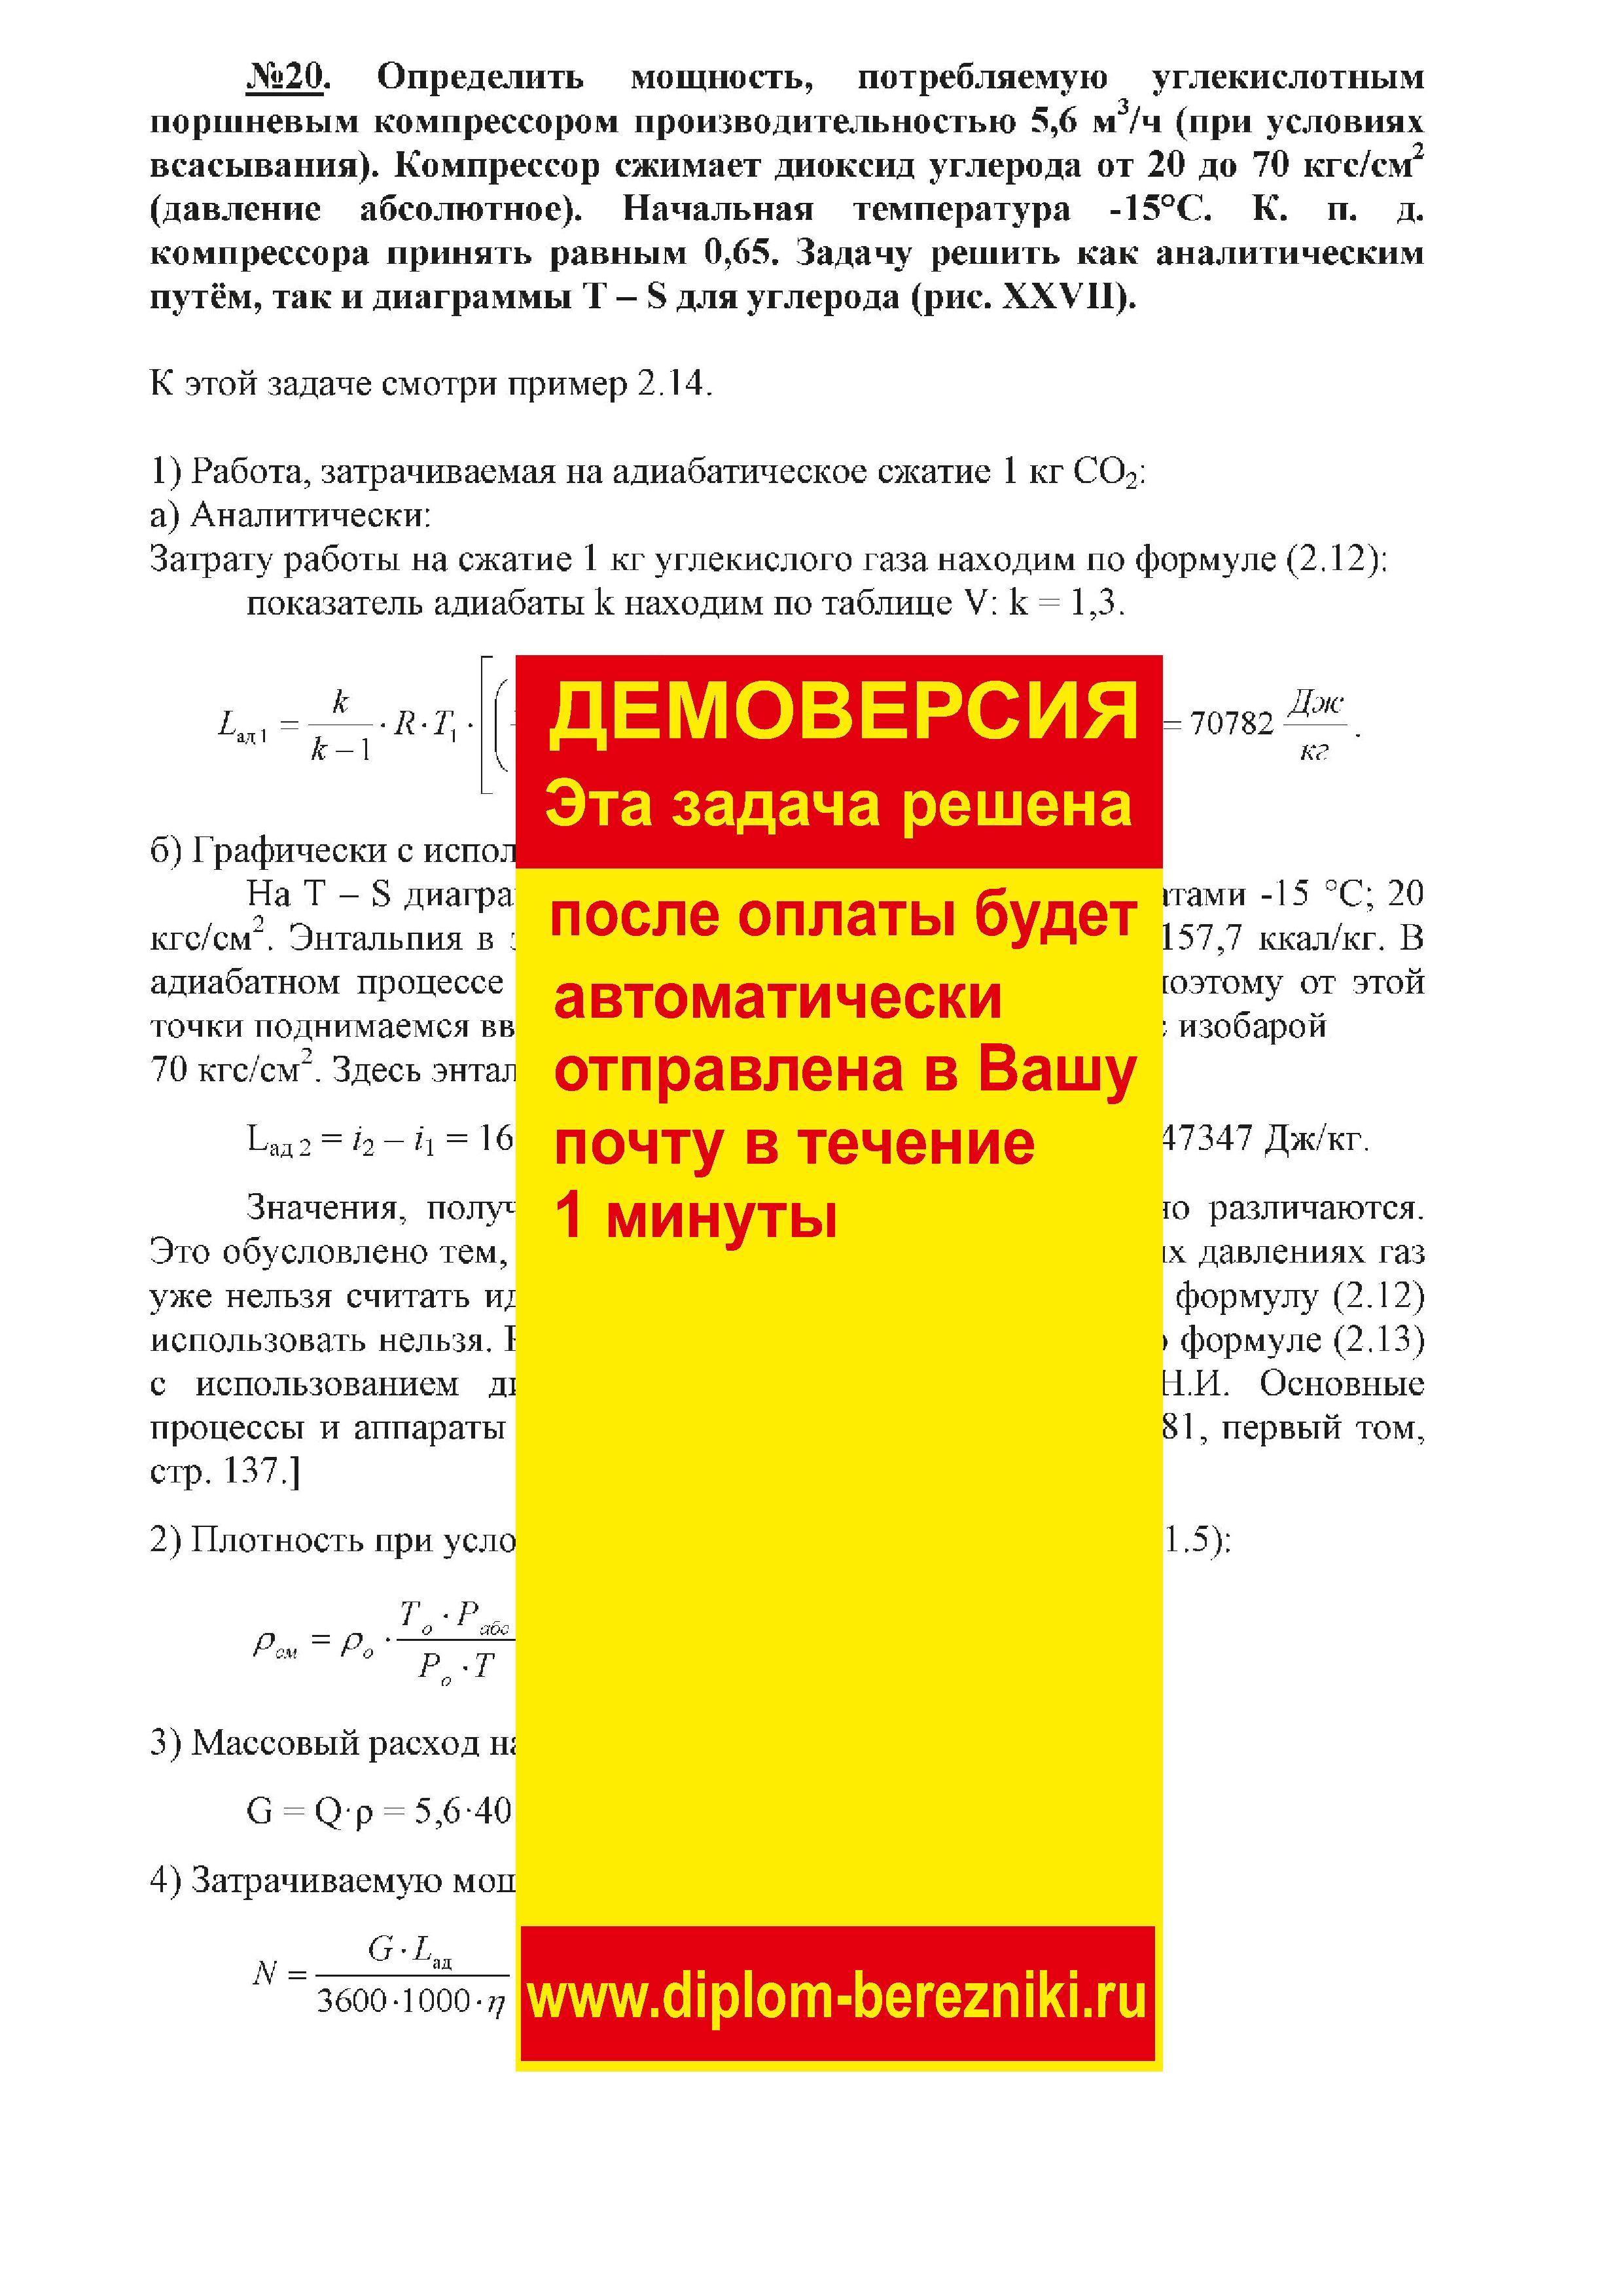 Решение задачи 2.20 по ПАХТ из задачника Павлова Романкова Носкова